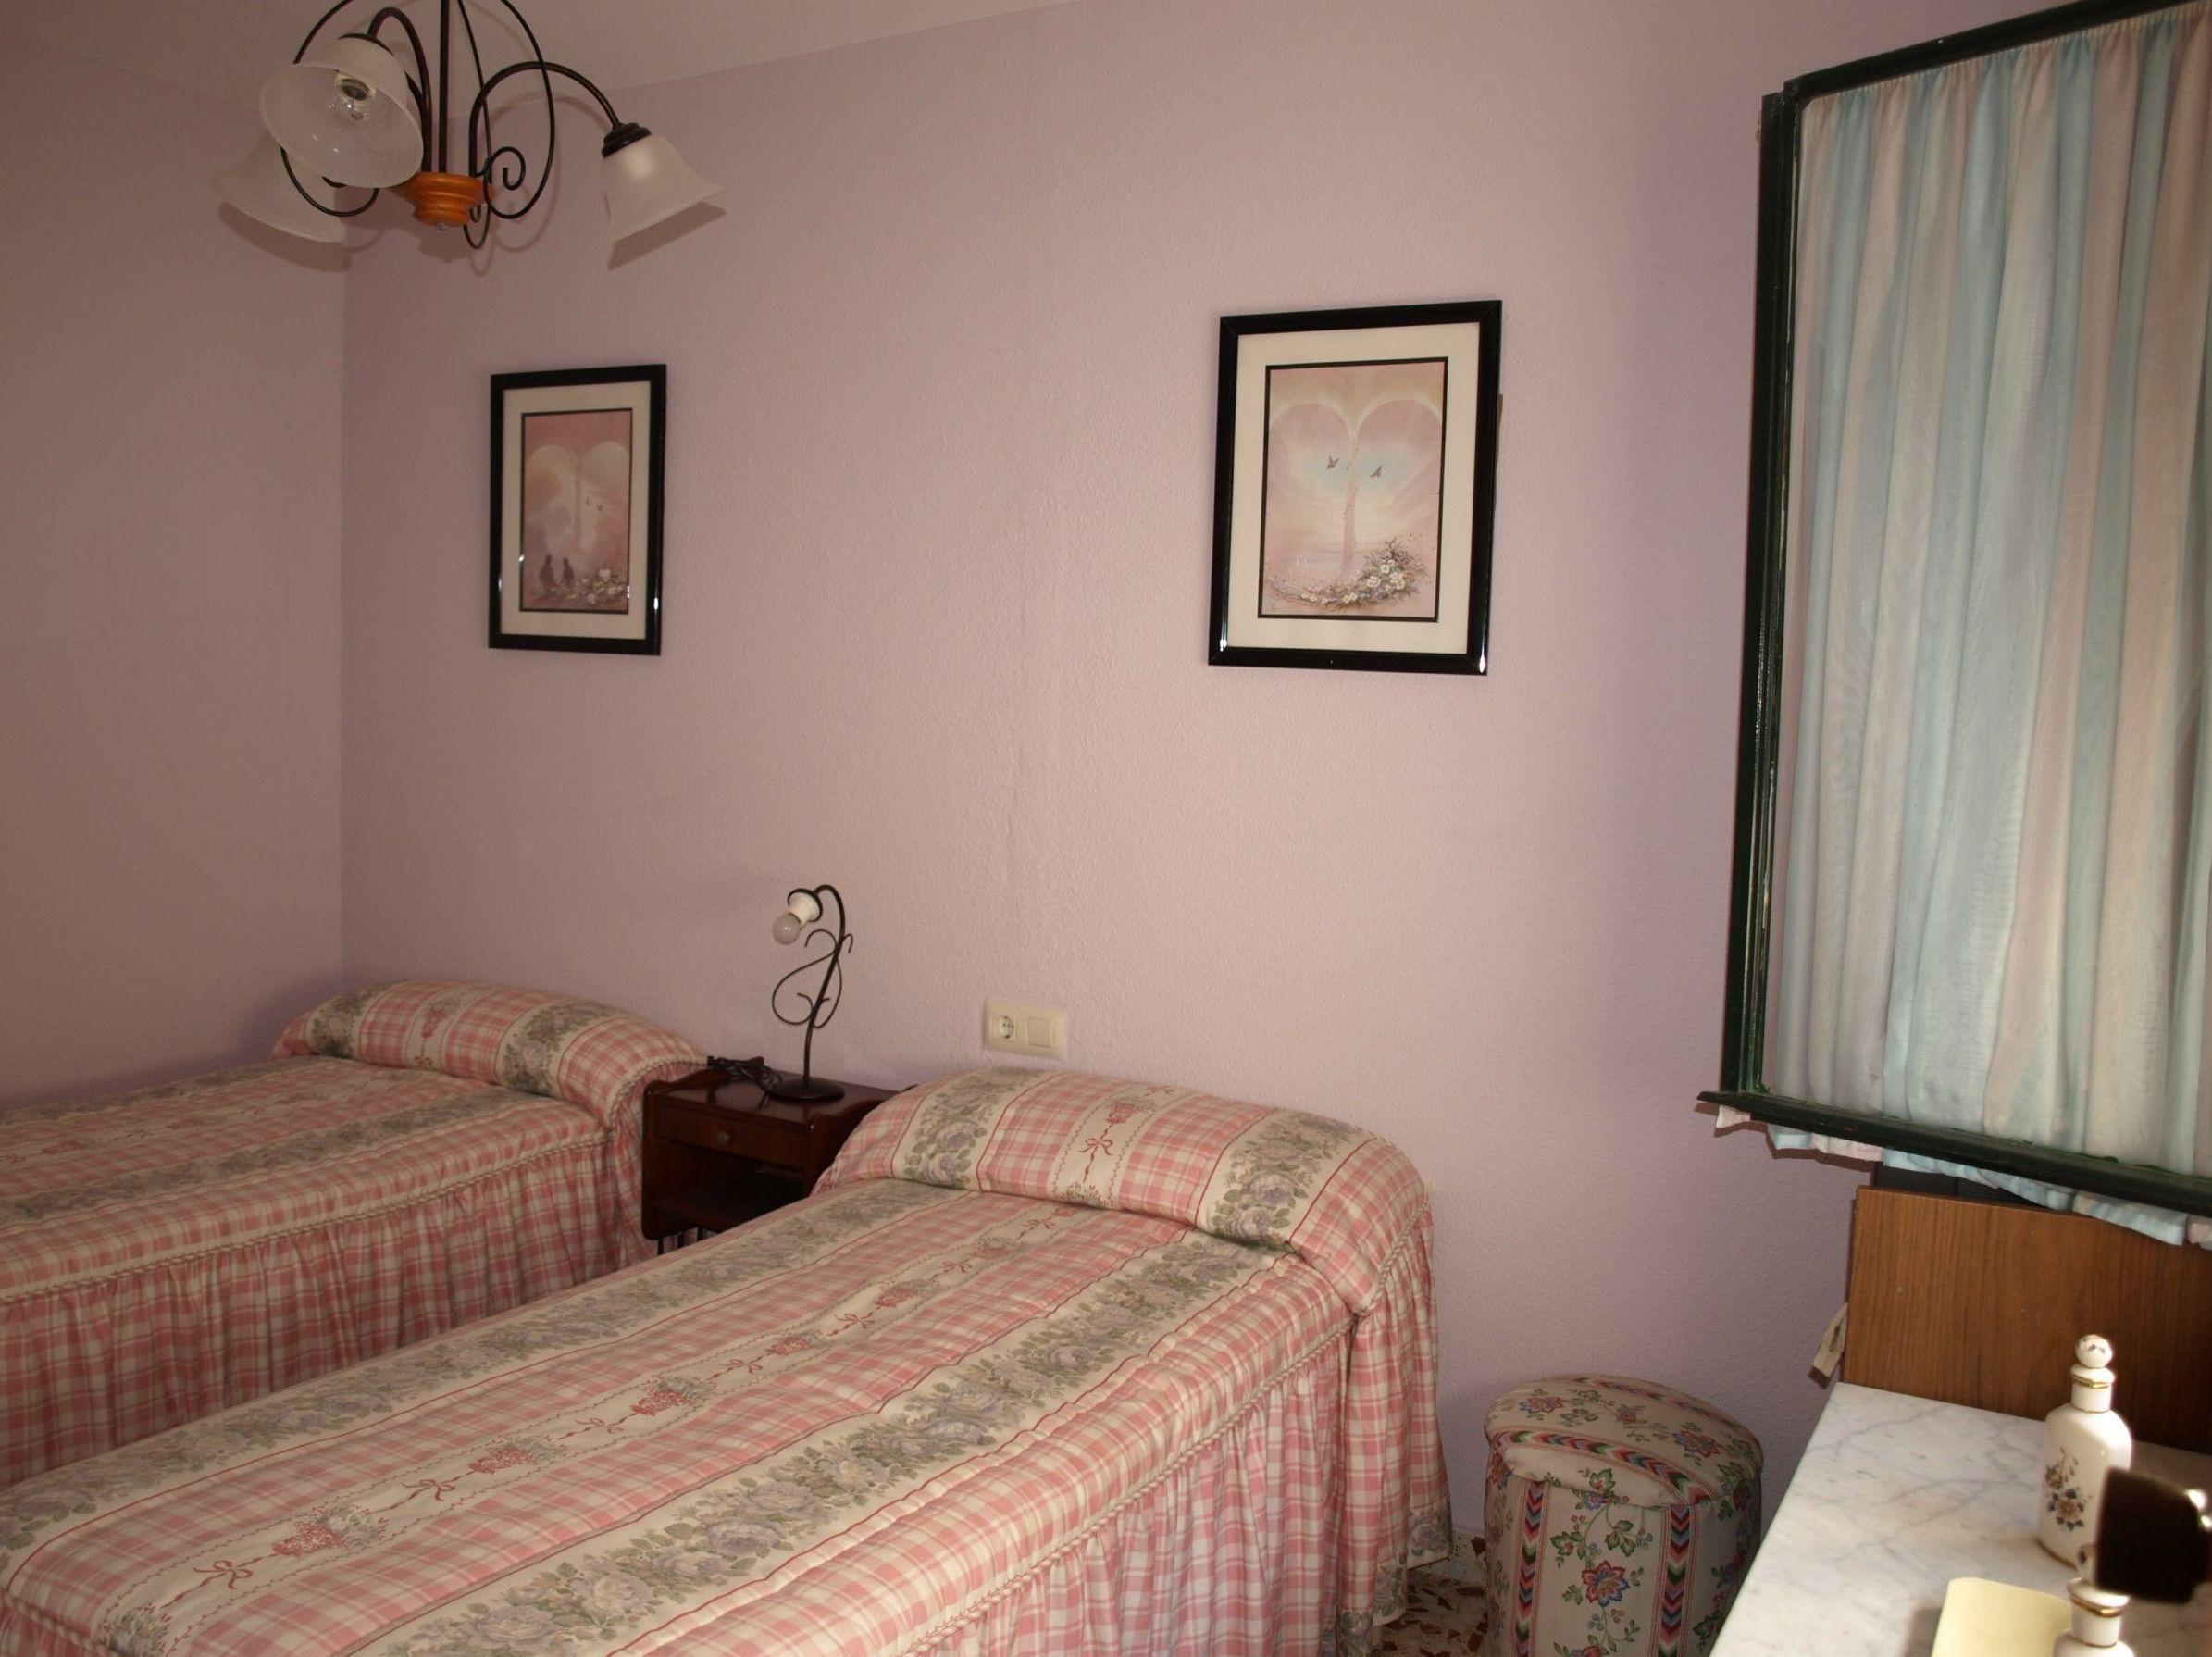 Casa en la localidad de hell n compra y alquiler de servicasa servicios inmobiliarios - Casas en hellin ...